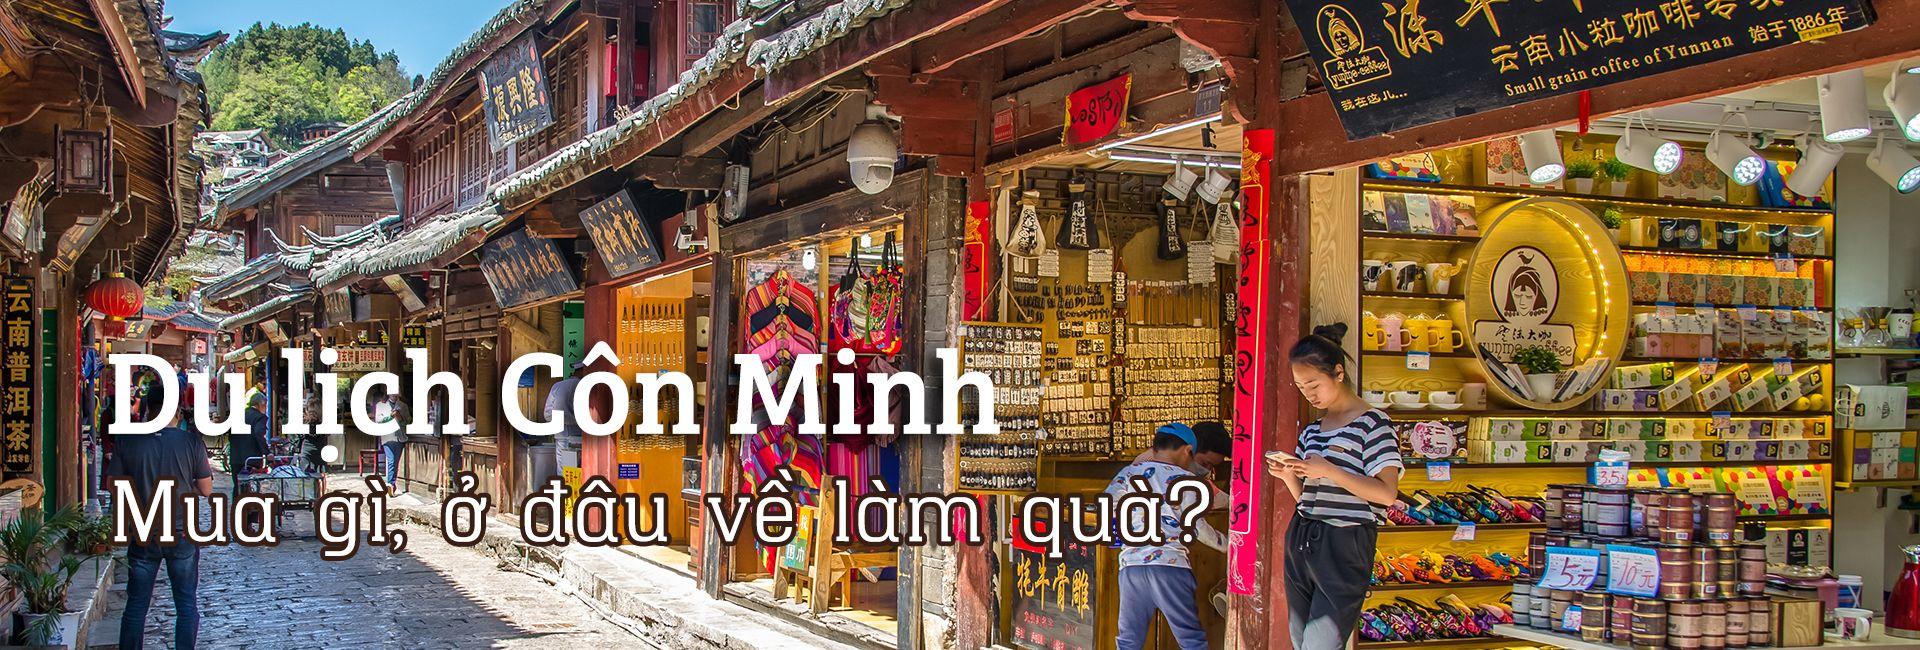 Mua gì làm quà khi du lịch Côn Minh, Trung Quốc?